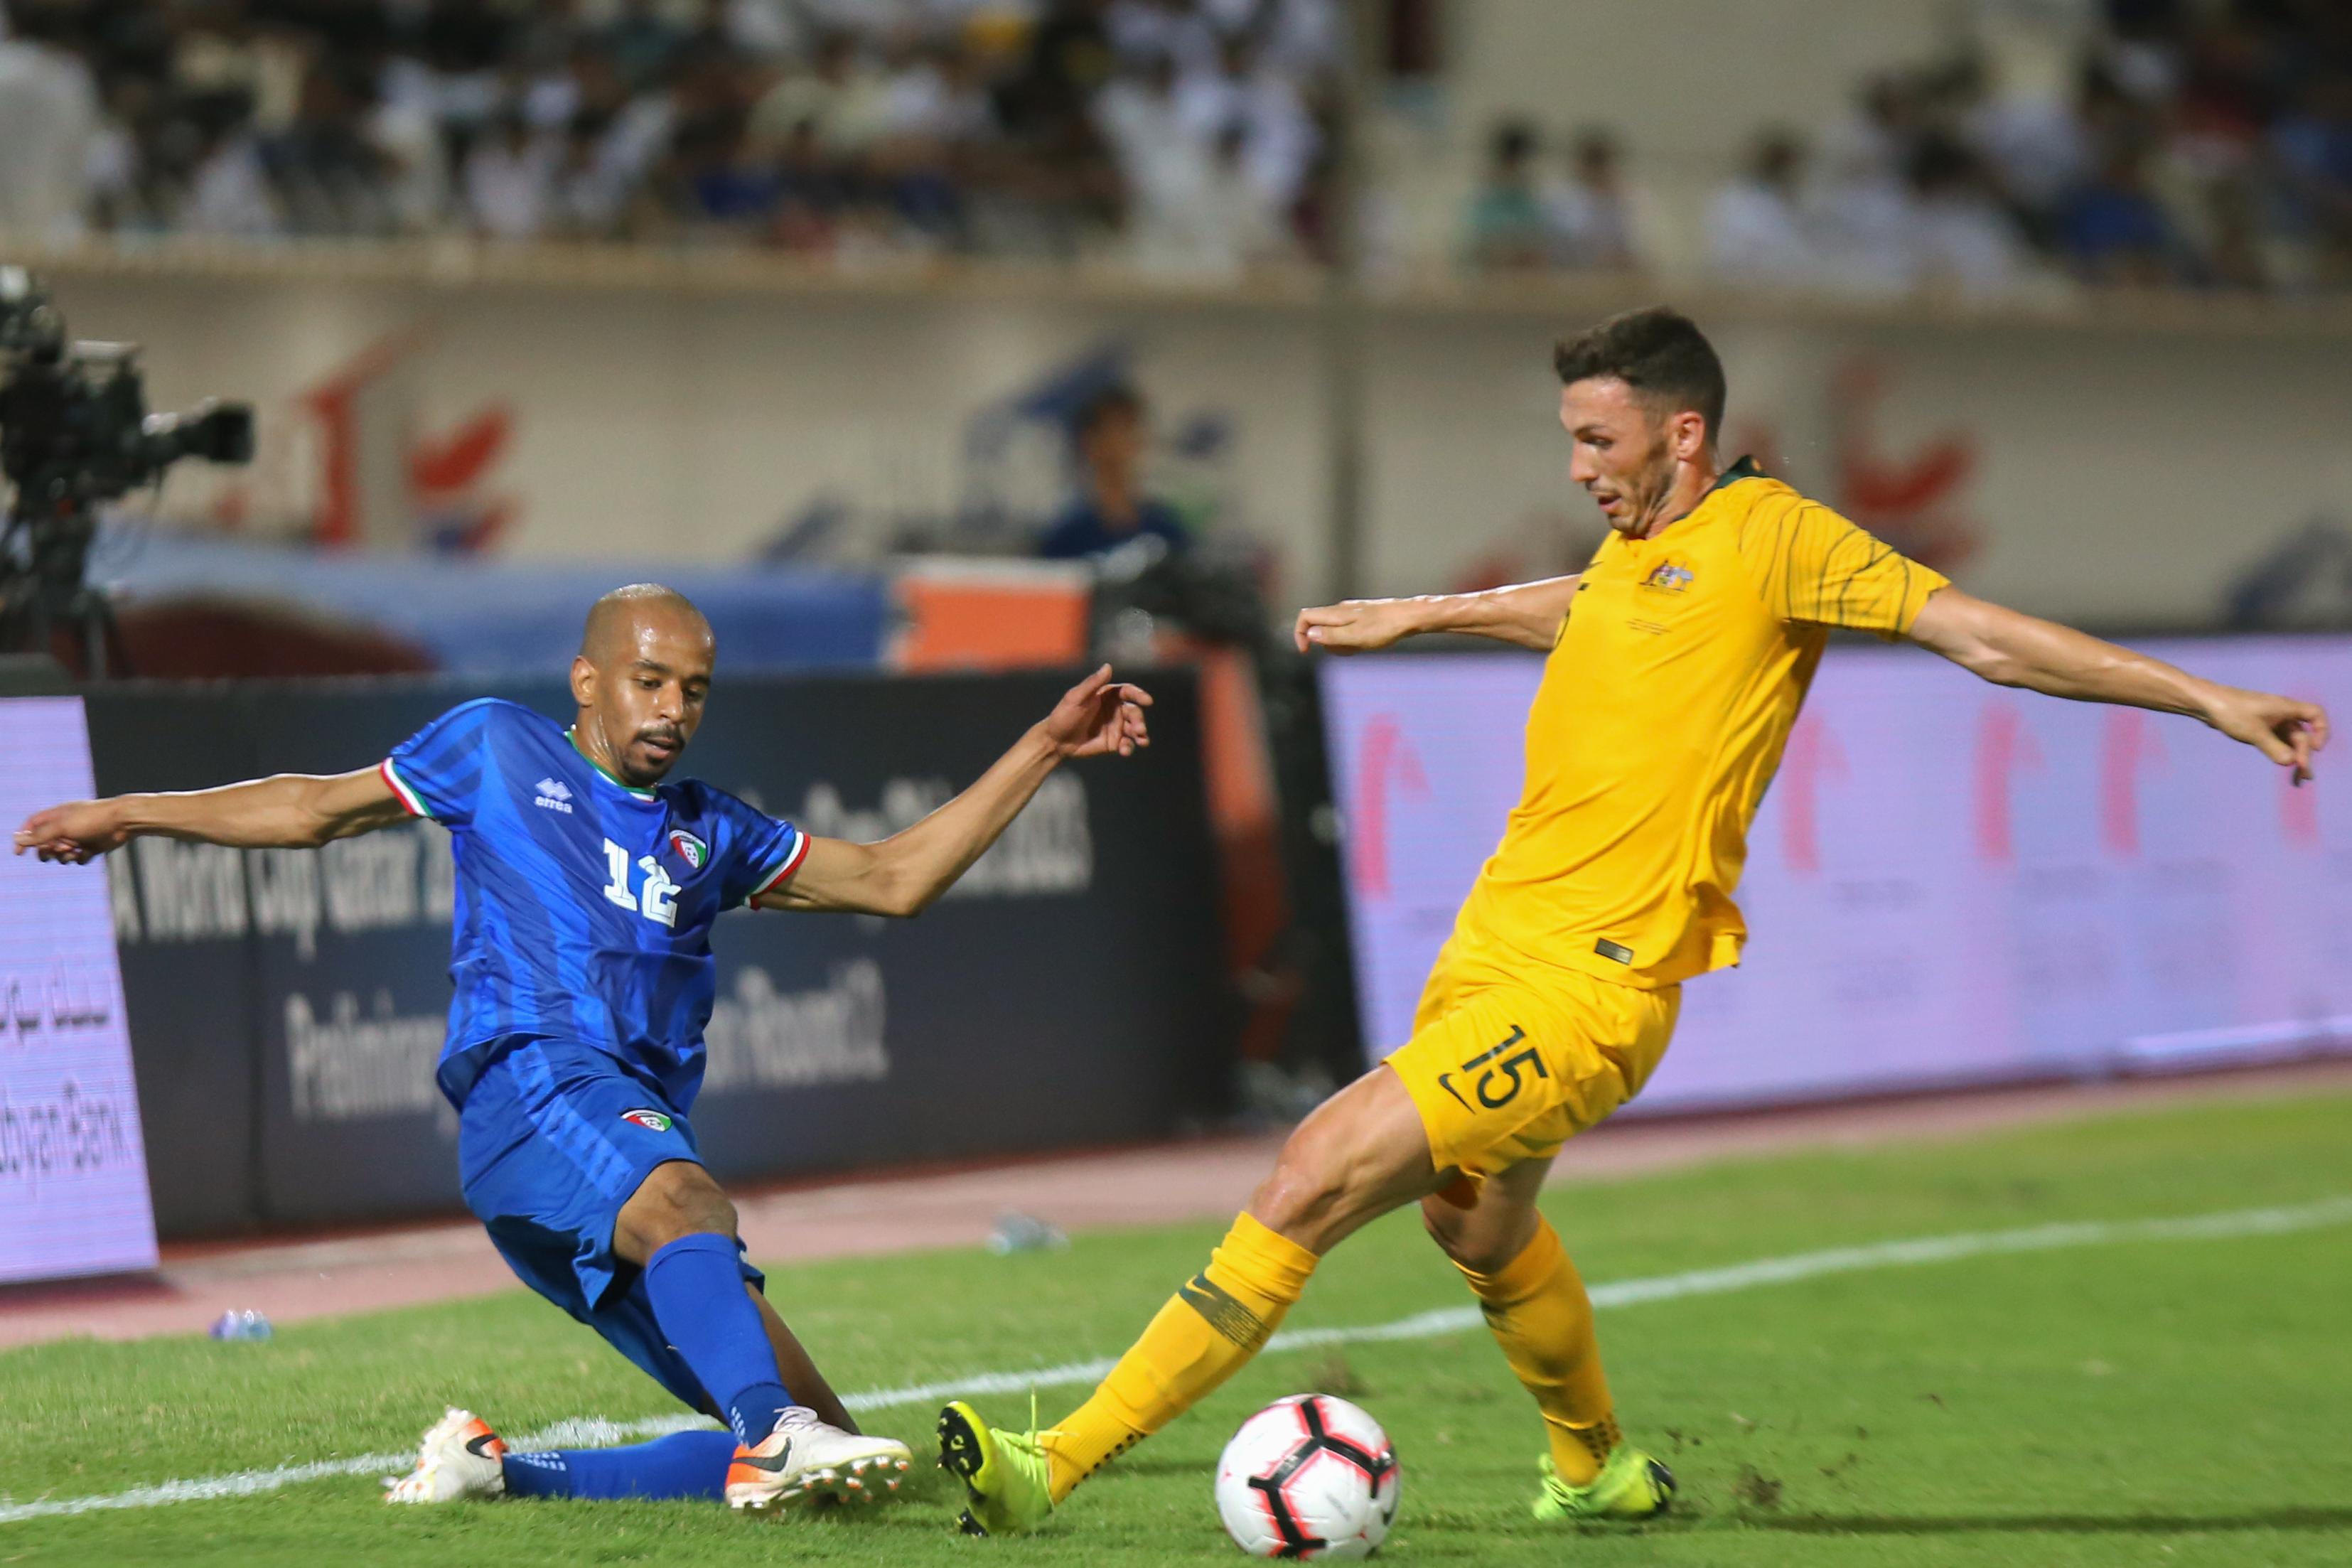 اللاعب الكويتي حمد الحربي يحاول إيقاف مهاجم أستراليا